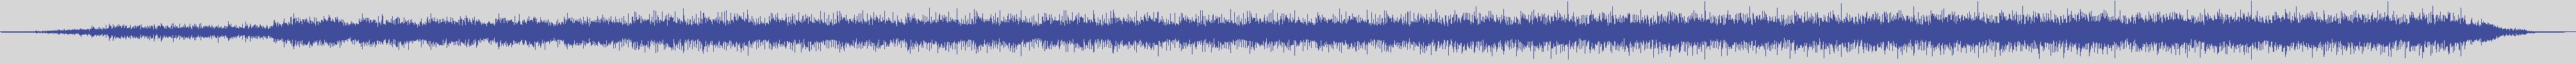 just_digital_records [JS1224] Nikon - Empty Thrones [Original Mix] audio wave form